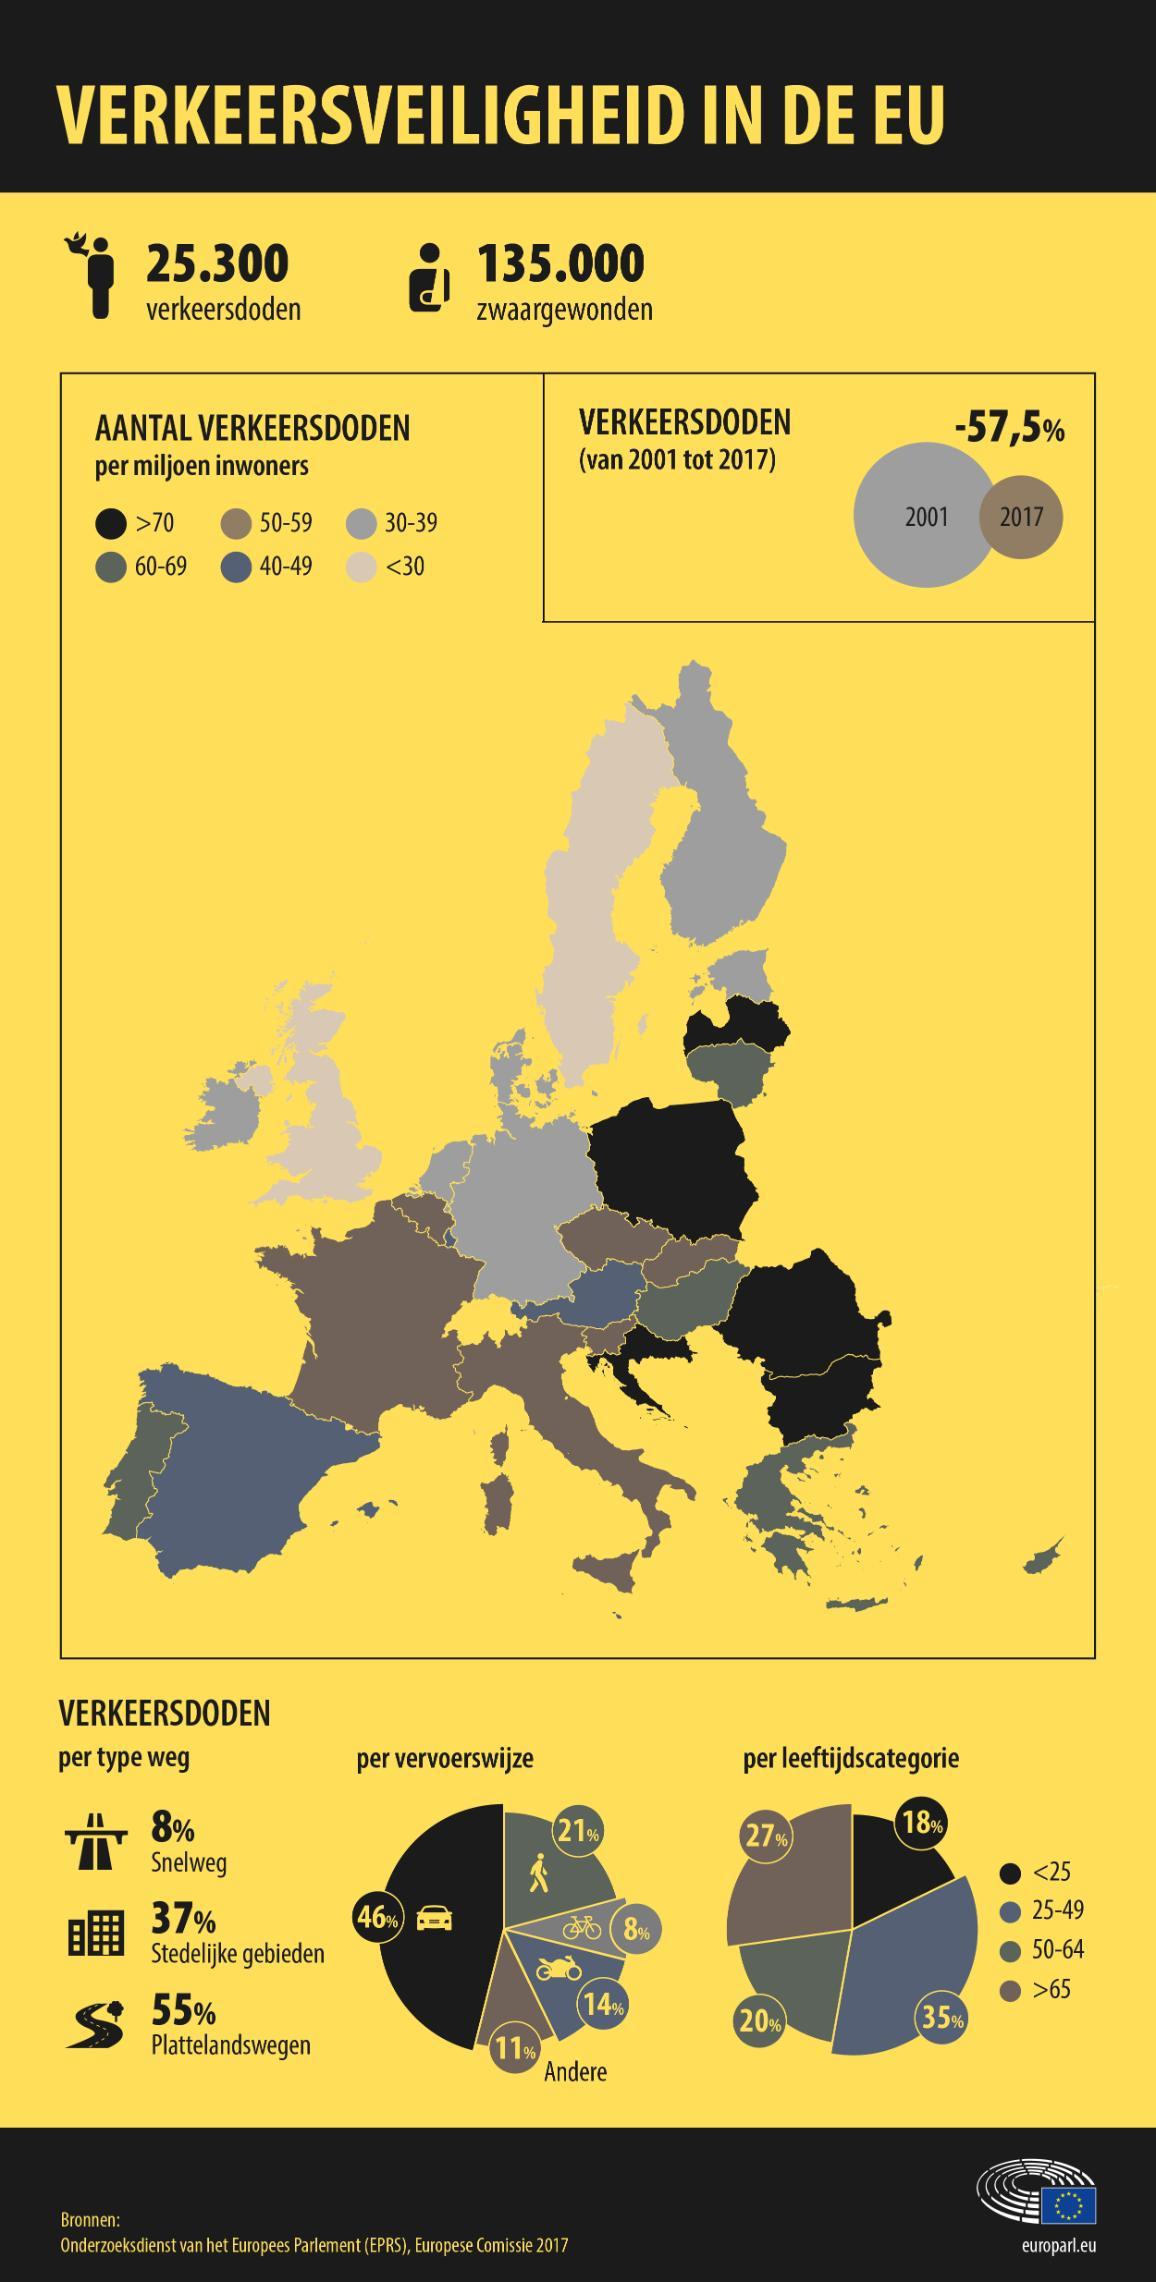 Infografiek over het aantal verkeersongevallen per EU-land, type weg, vervoerswijze en leeftijd.